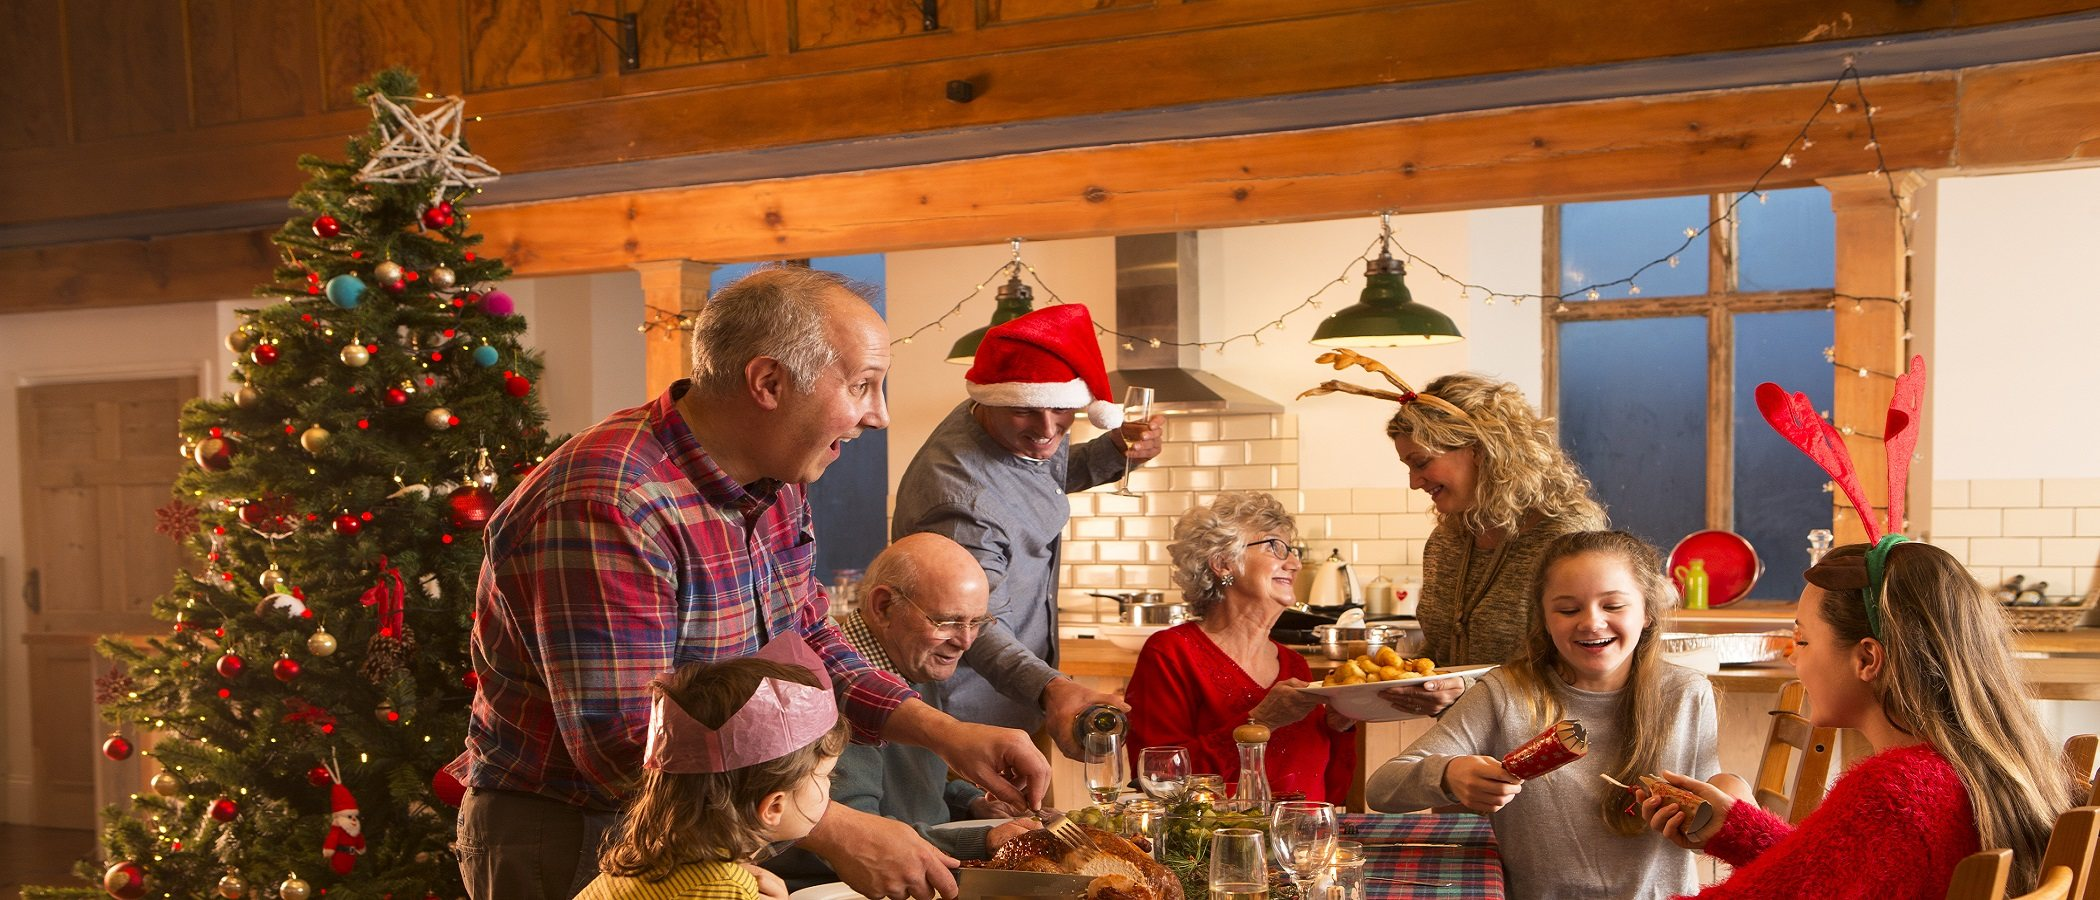 La importancia de compartir la Navidad juntos en familia